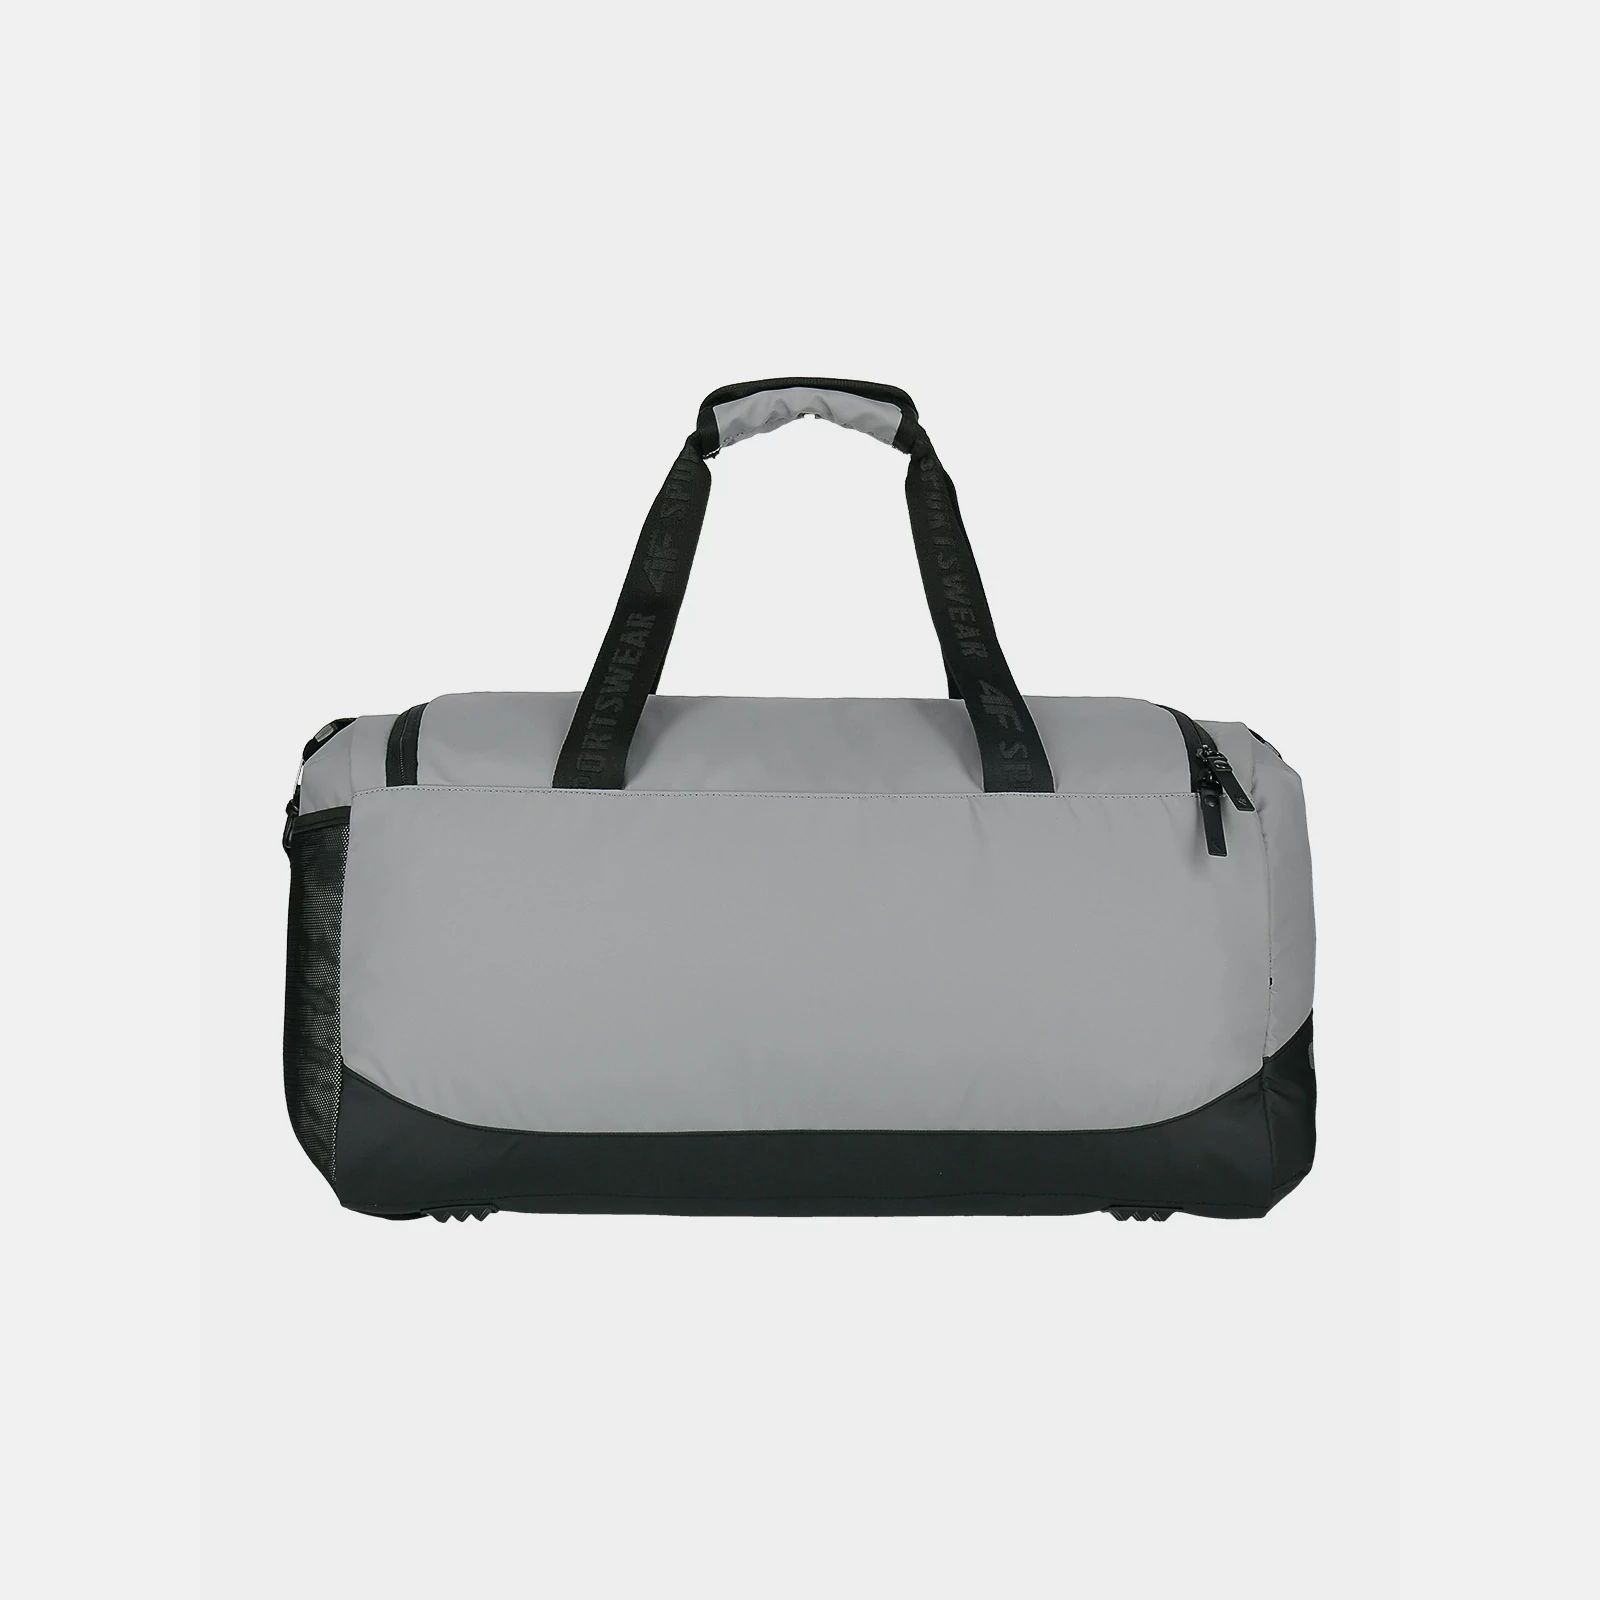 Bags -  4f Training Bag TPU004